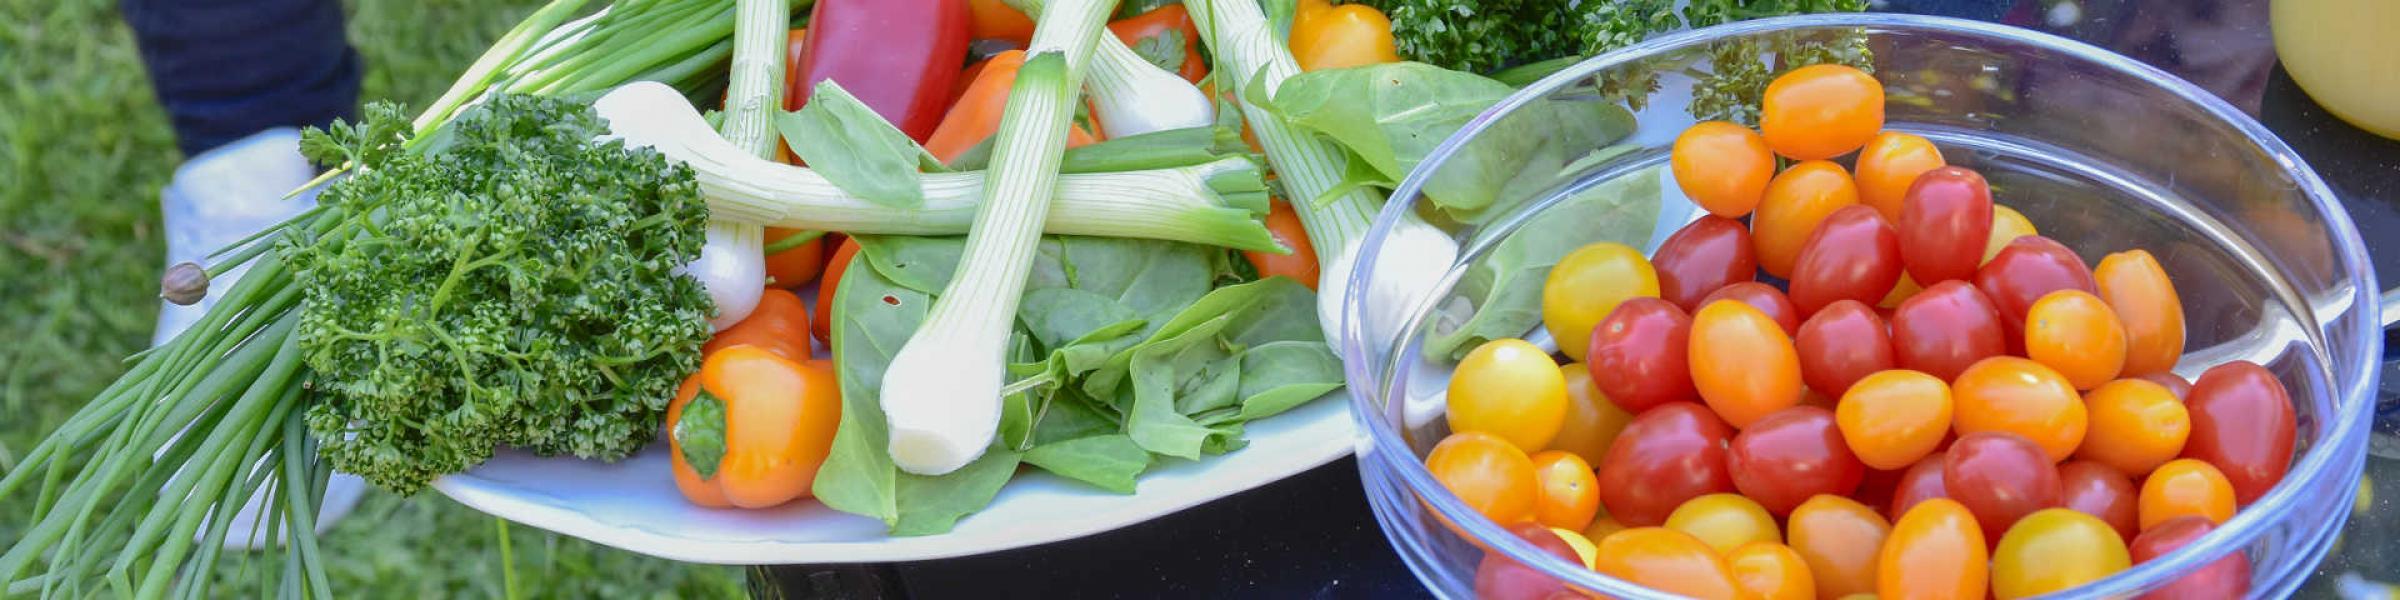 alimentation et jardin